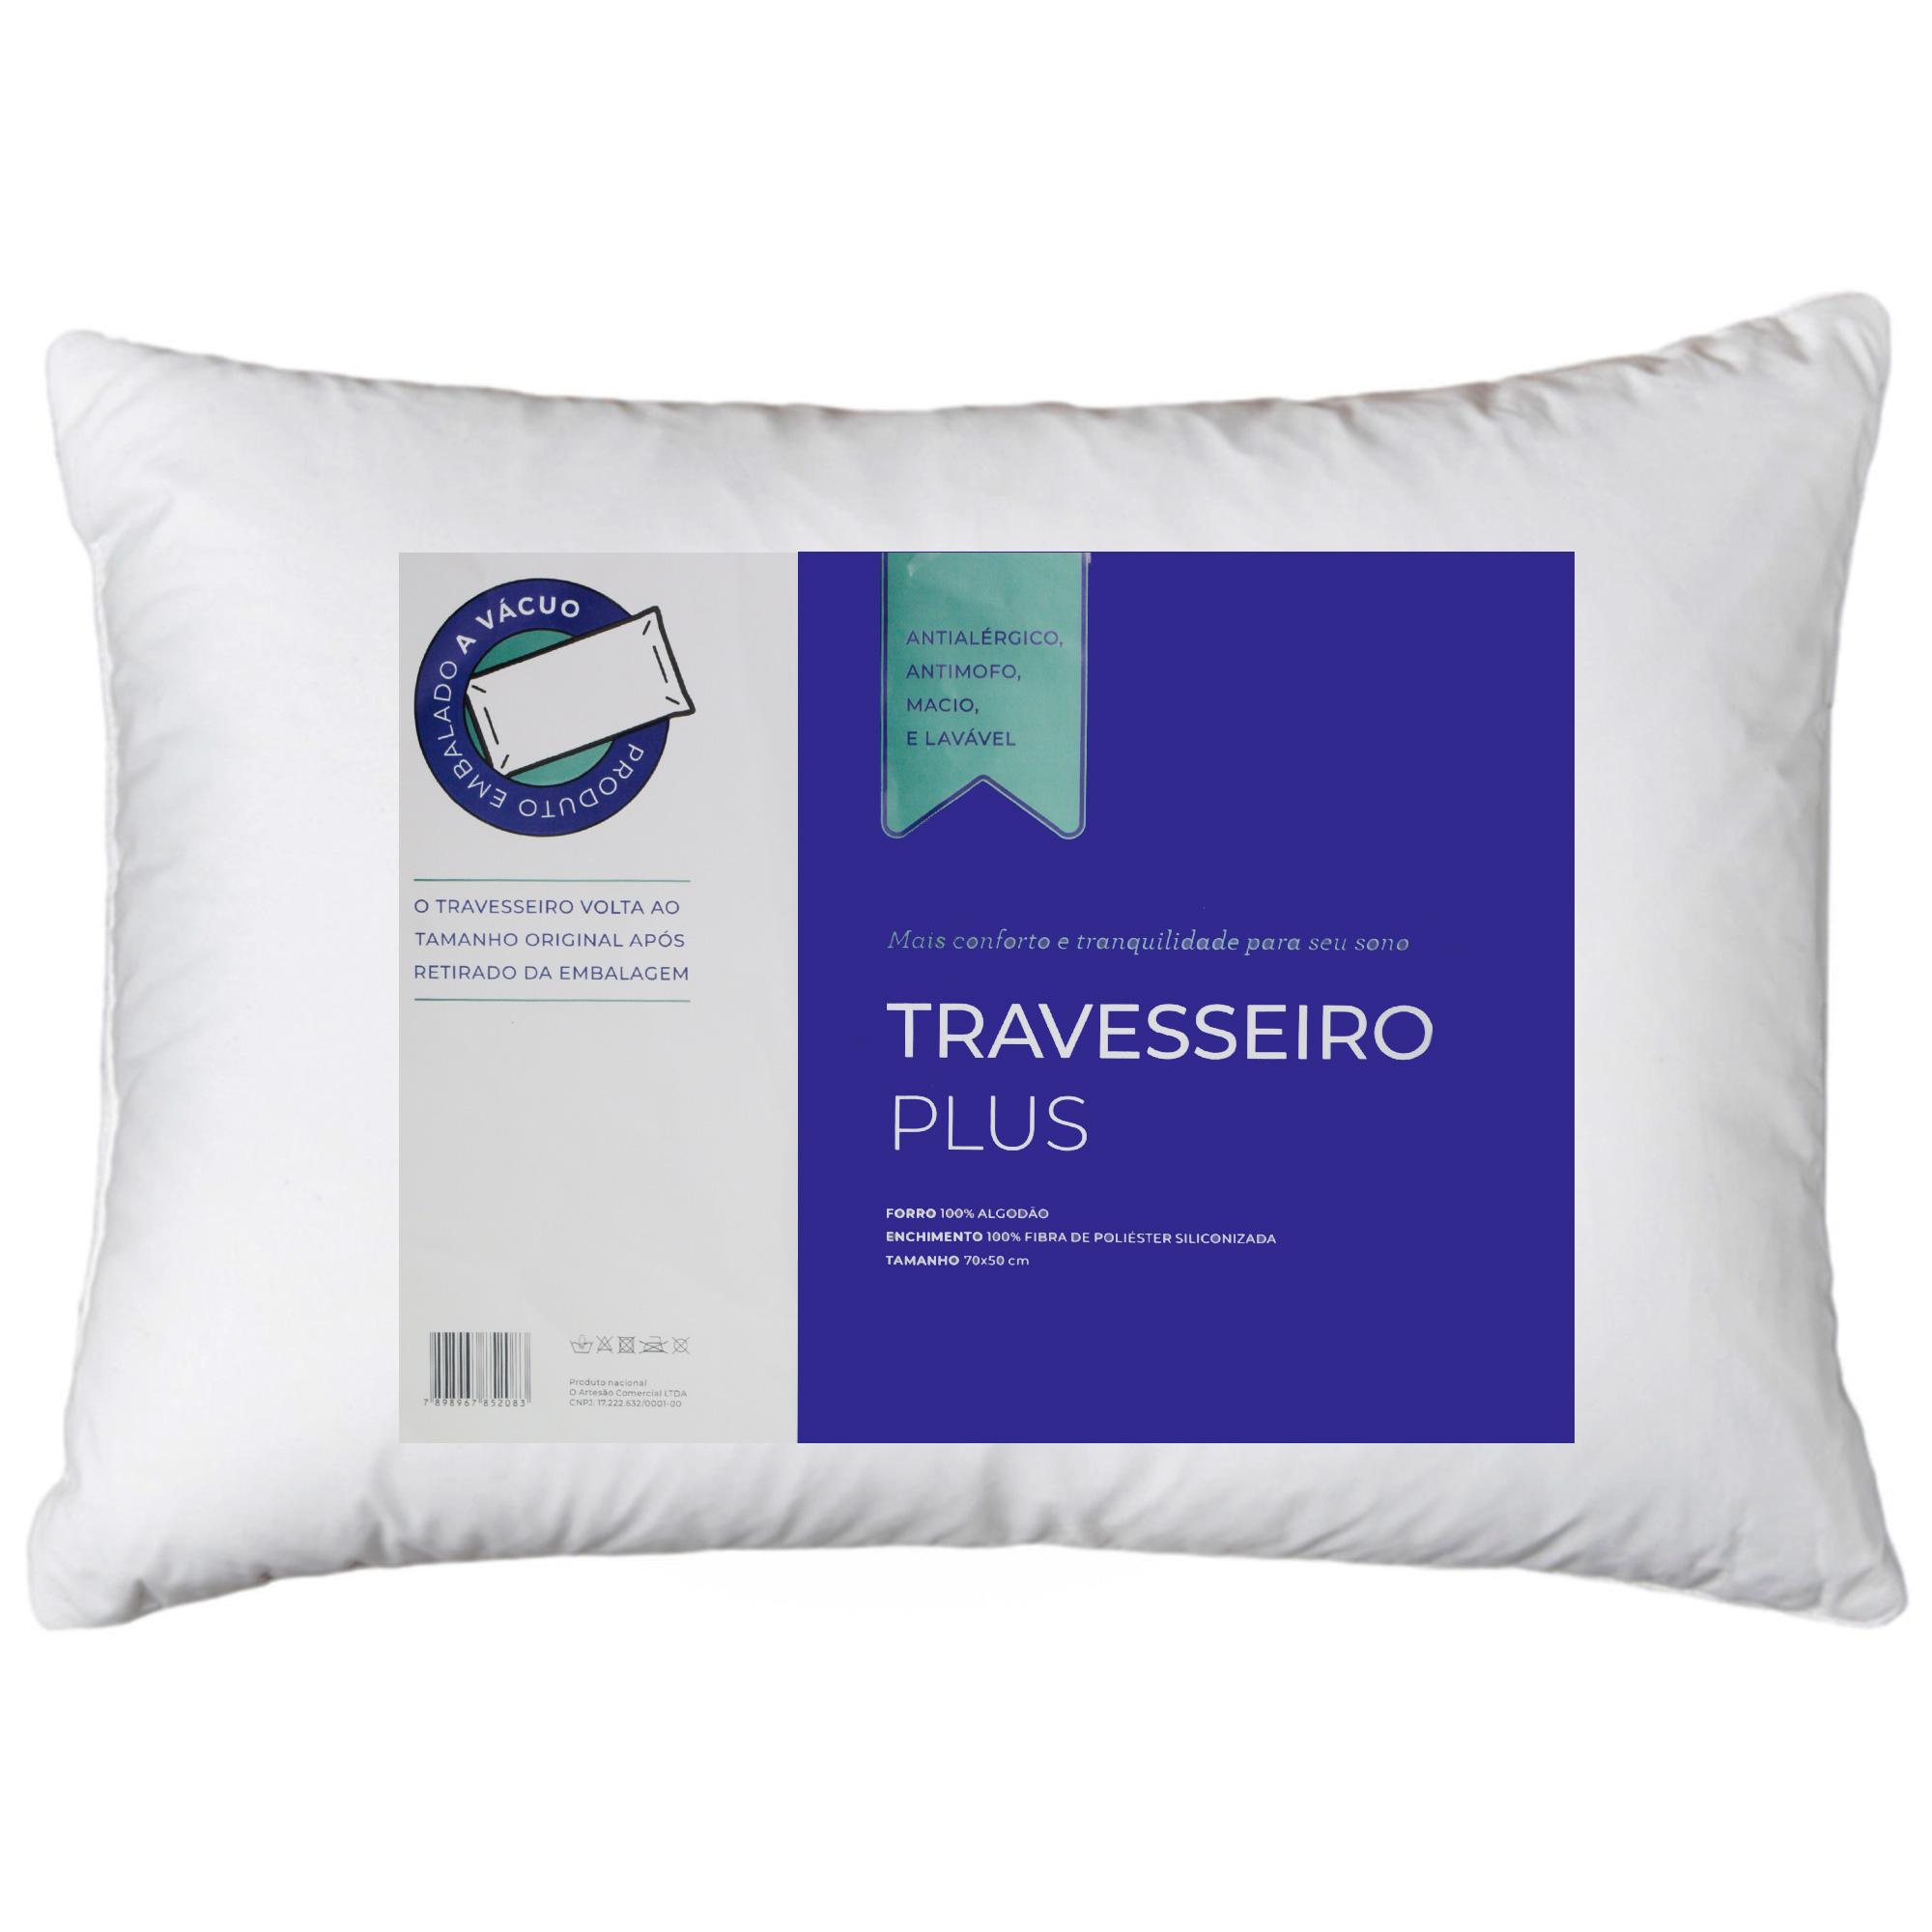 Travesseiro Embalado A Vácuo Linha Plus Percal Antialérgico / Antimofo 70cmX50cm ARTESÃO